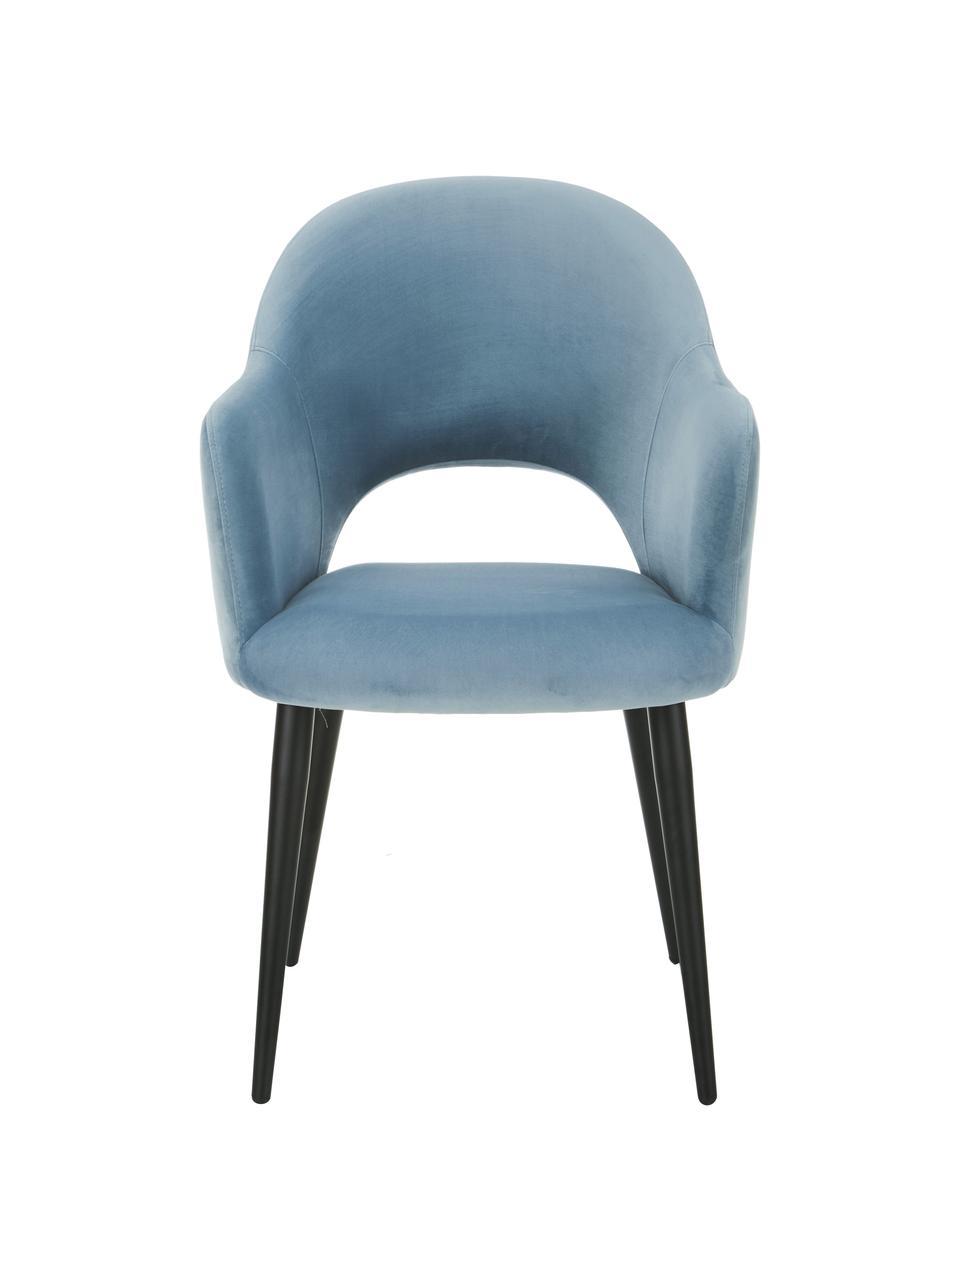 Chaise rembourrée velours bleu Rachel, Velours bleu ciel